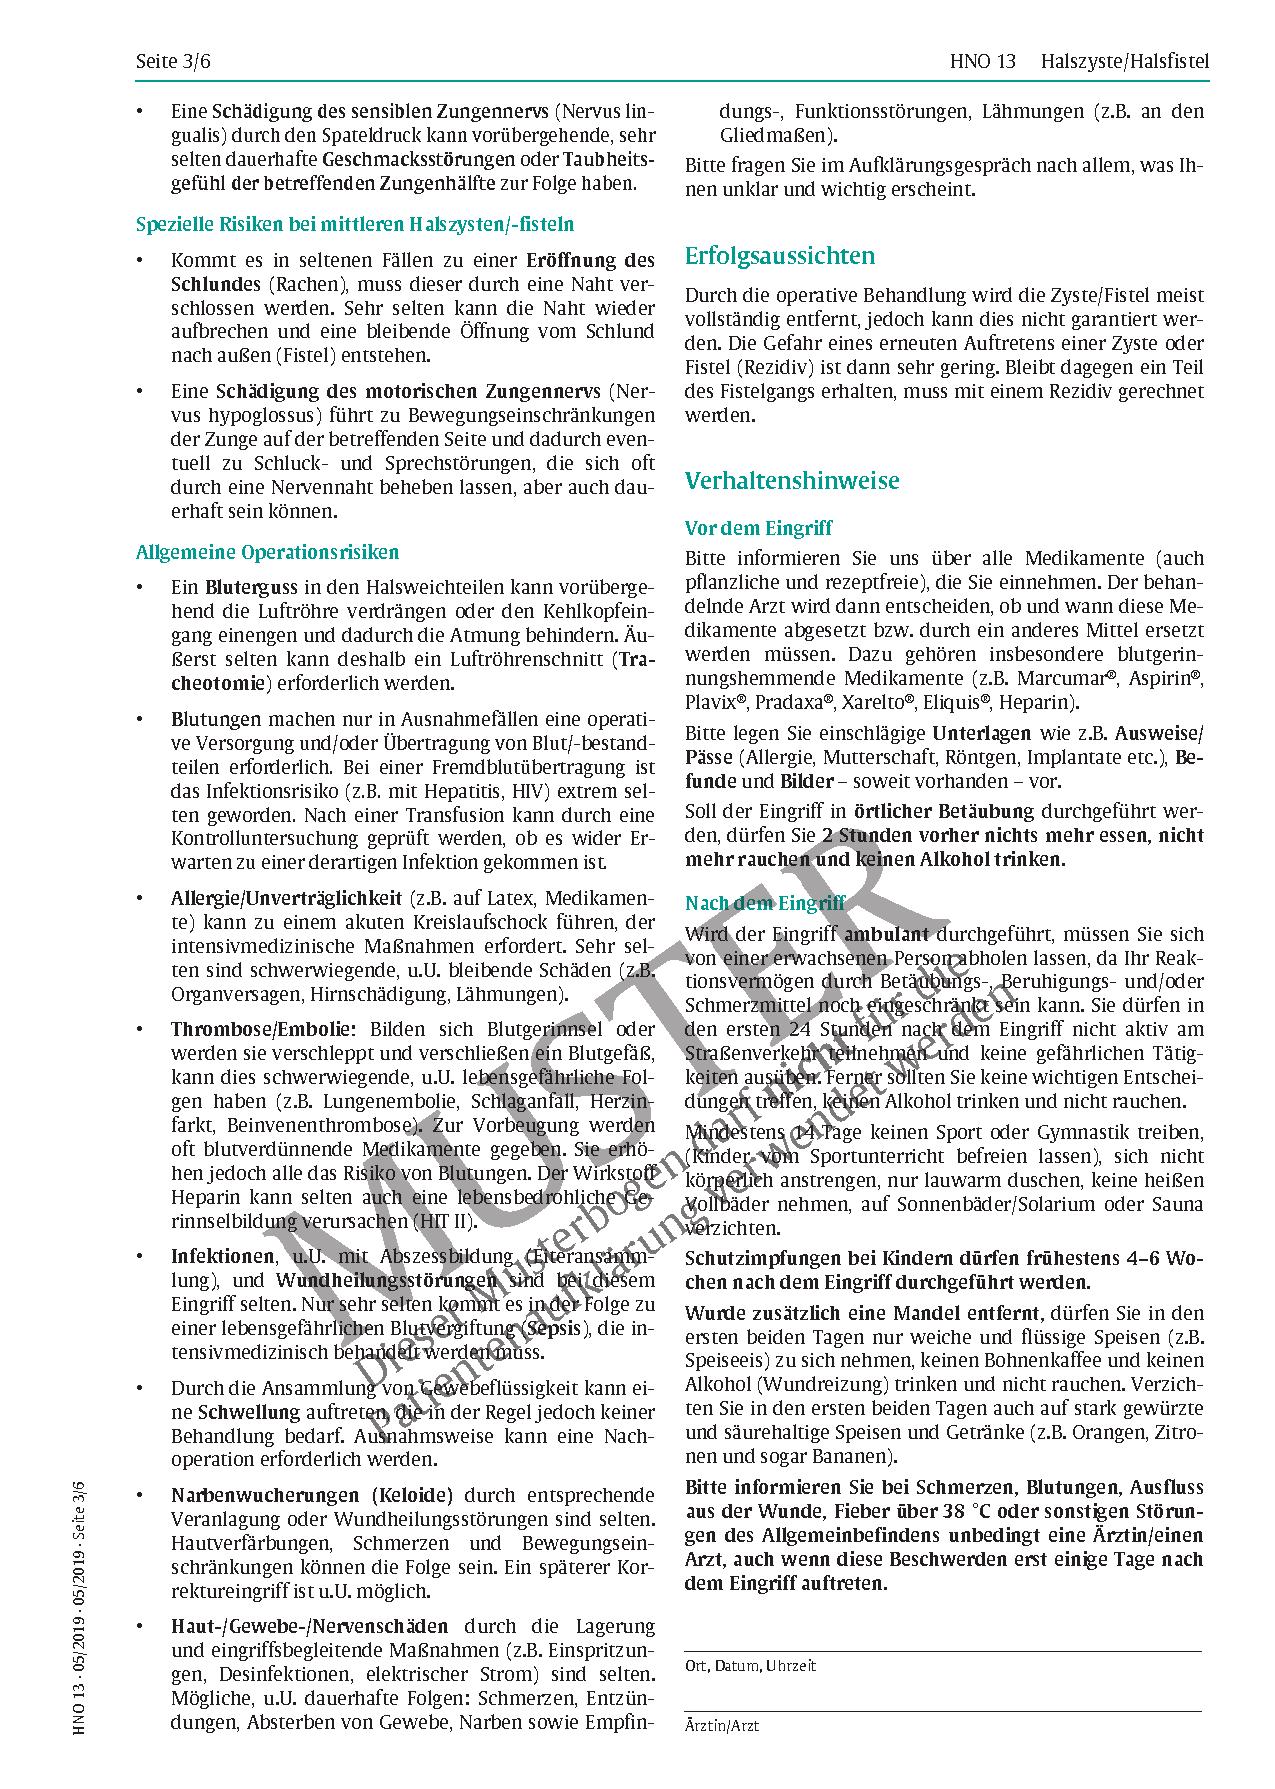 Fantastisch Halsfistel Anatomie Bilder - Anatomie Von Menschlichen ...